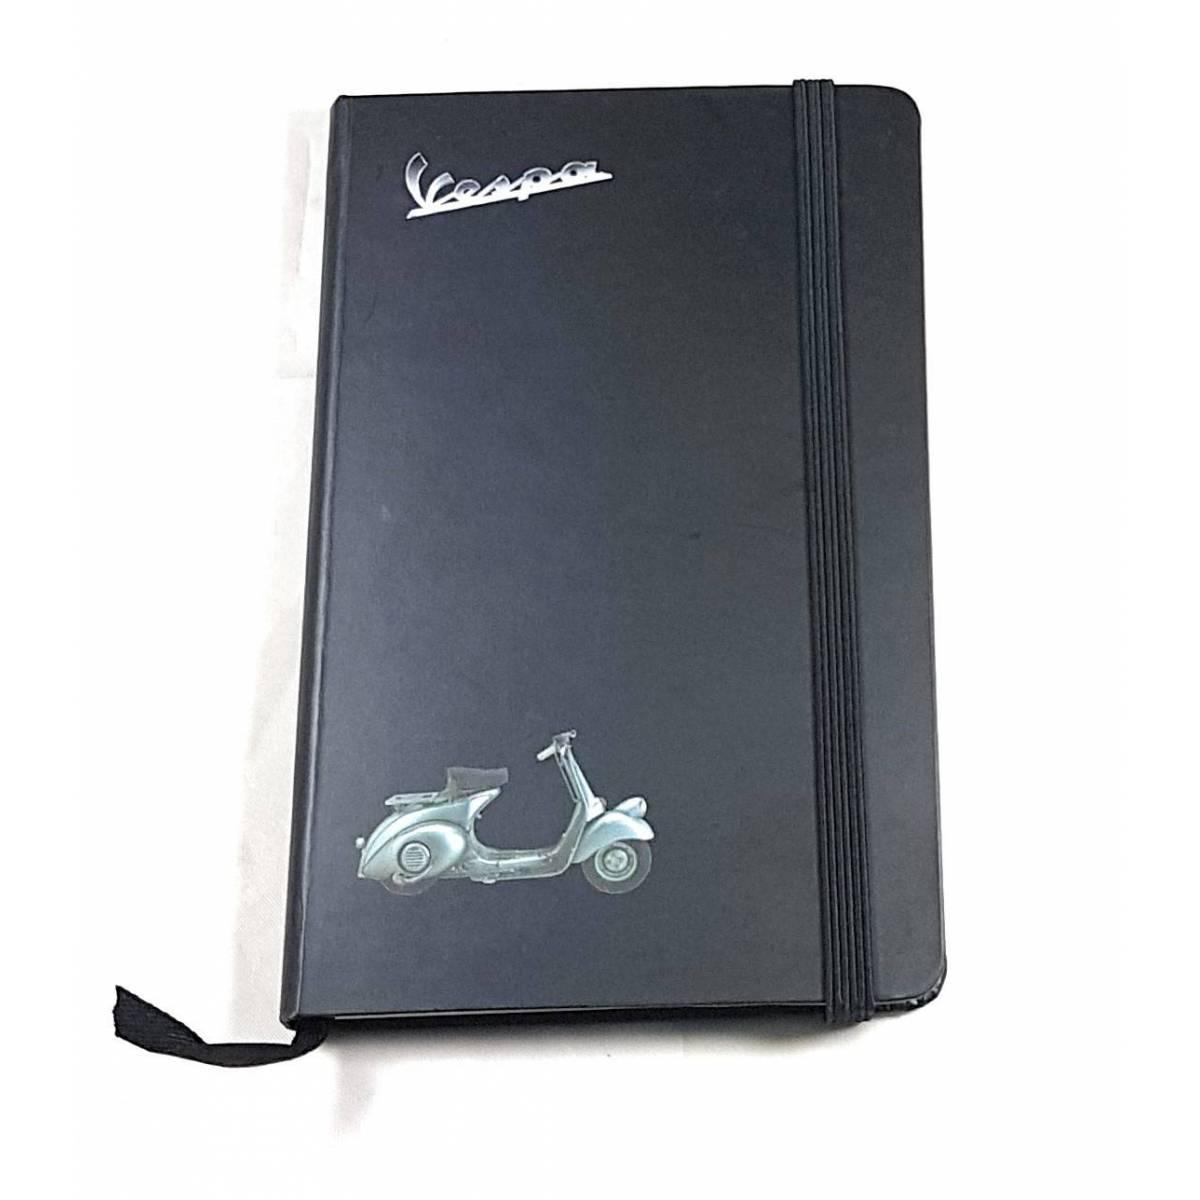 Vespa - Carnet de Notes - 7 x 11 cm